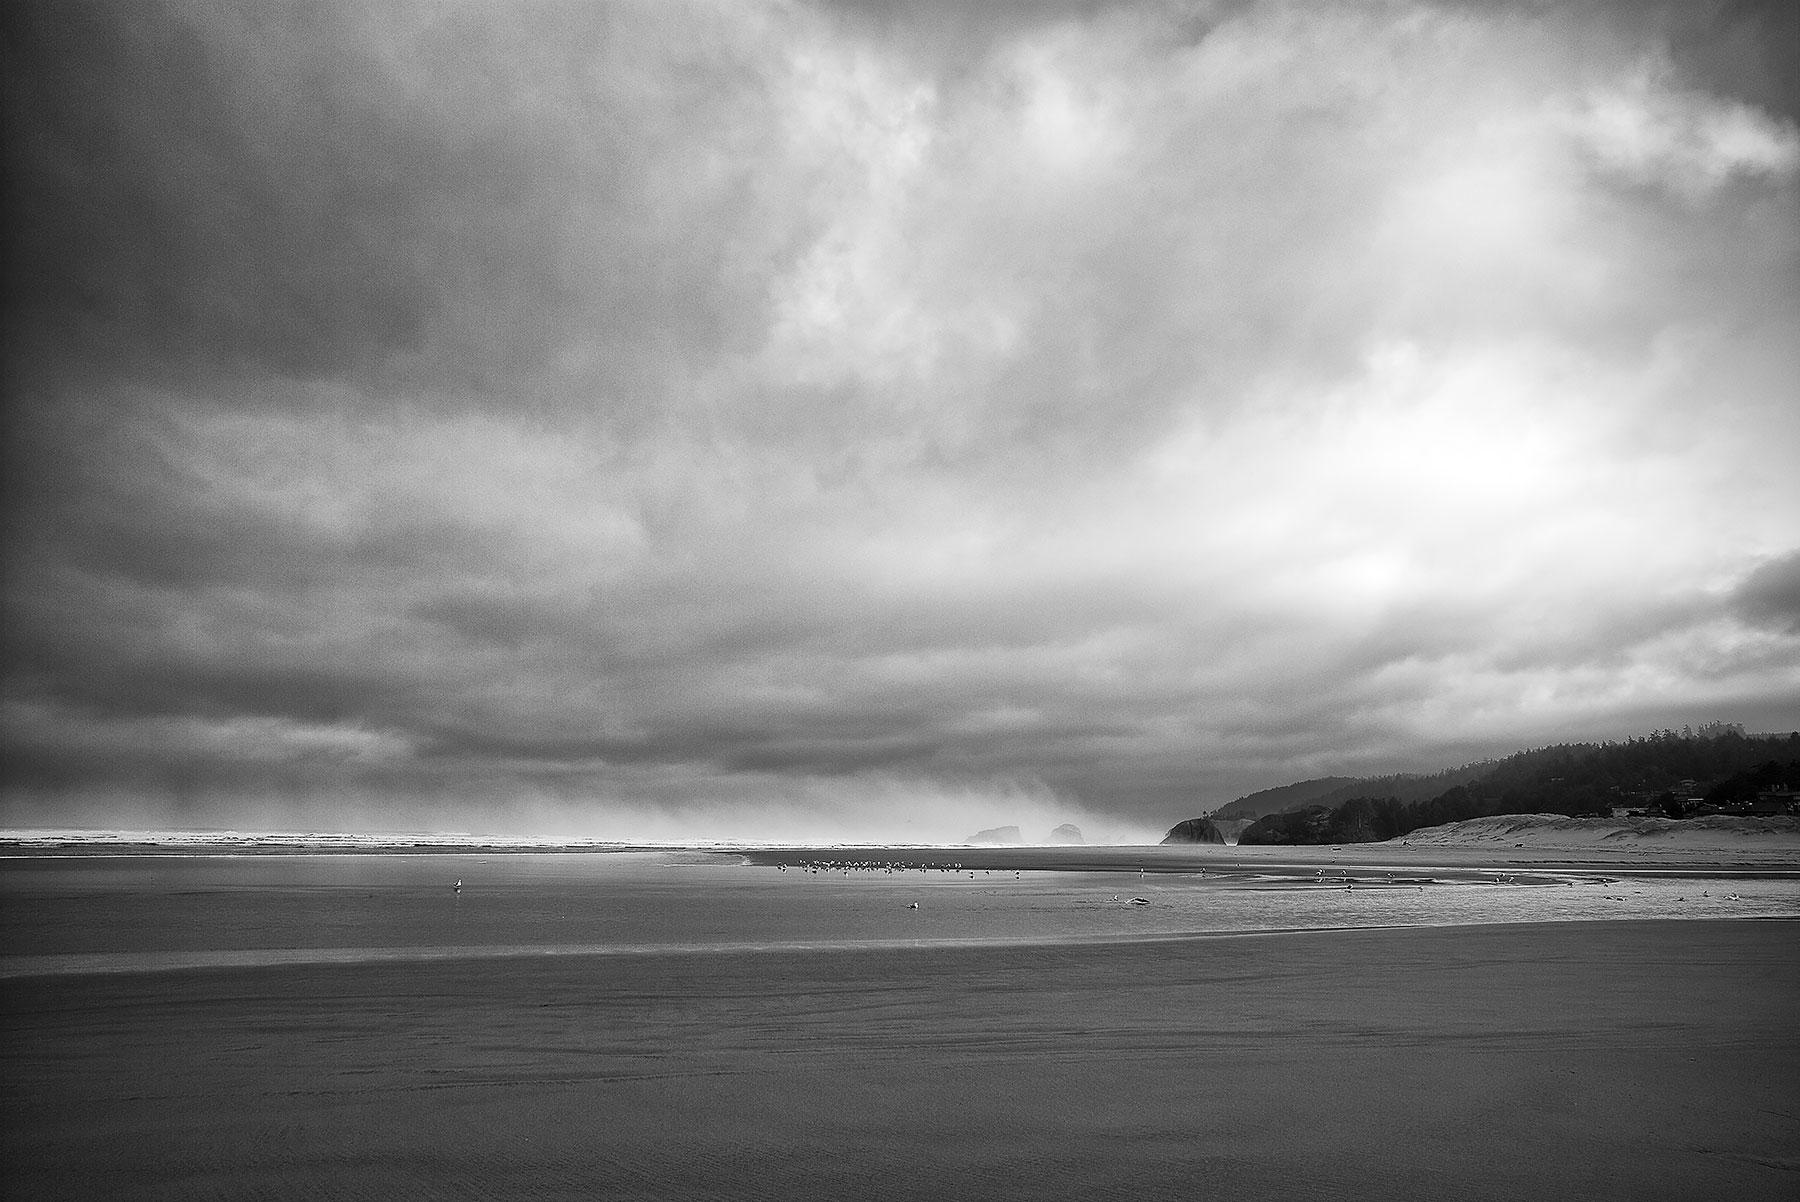 Oregon Beach Walk ©johncameron.ca